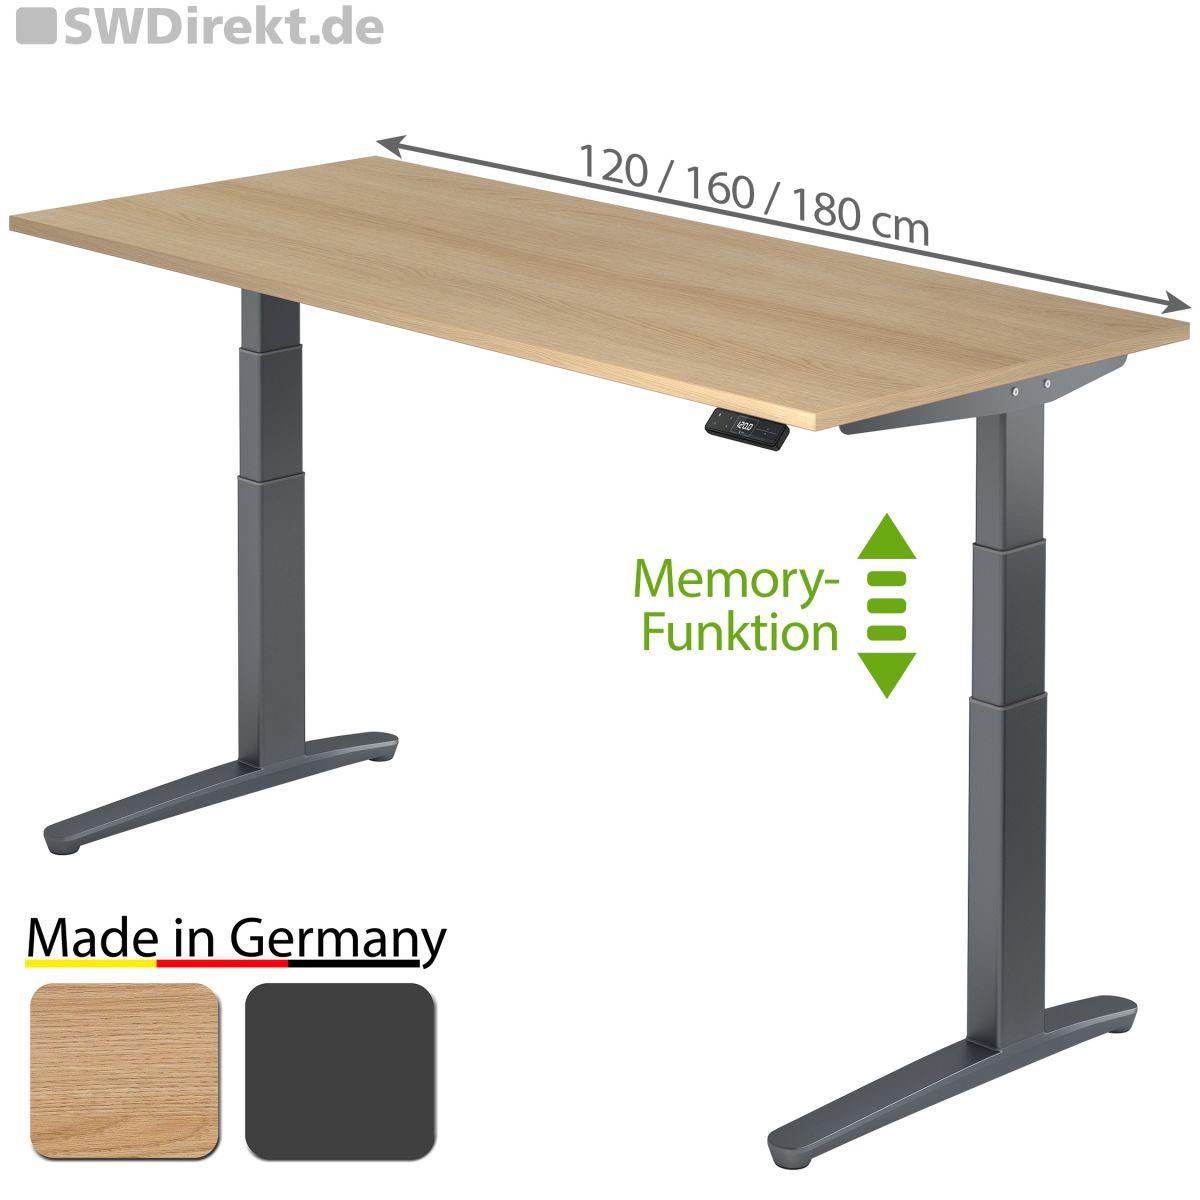 Arbeitstisch 160x80 cm elektromotorisch höhenverstellbar inkl. Memory-Funktion, Fußgestell in graphit, Tischplatte Eiche Dekor